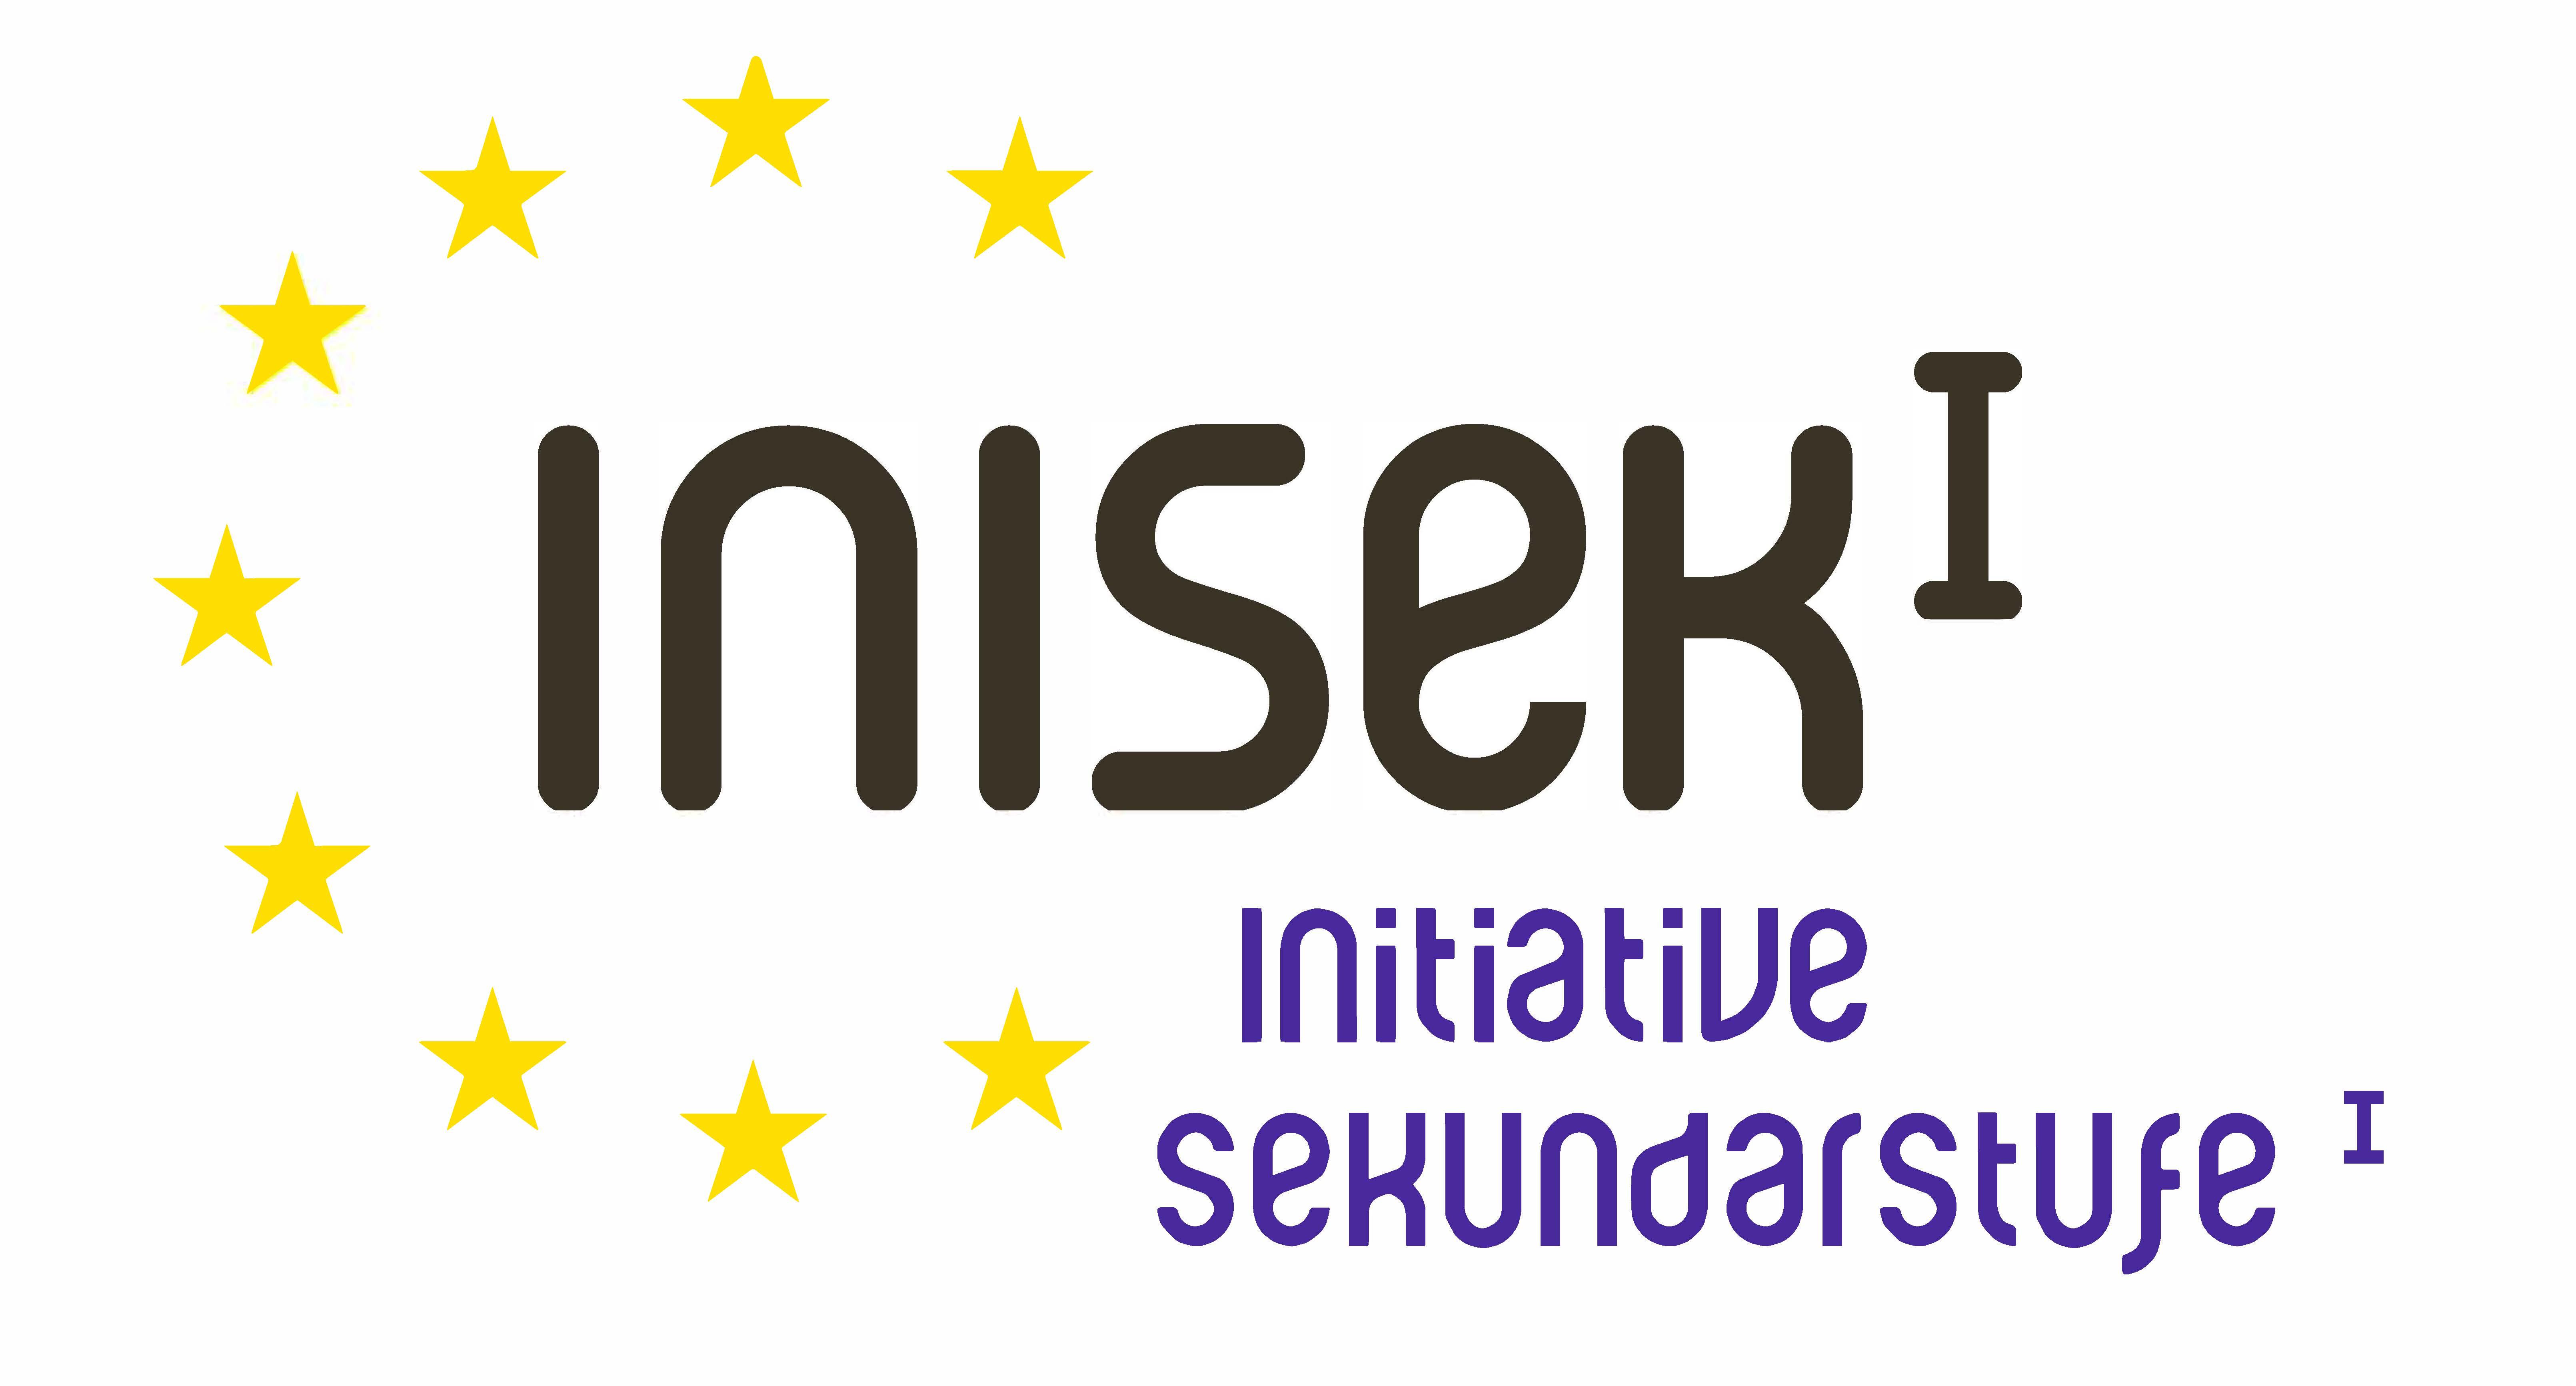 https://www.spi-inisek.de/wp-content/uploads/2016/03/Logo_IniSek1_BUNT_V2-1.jpg